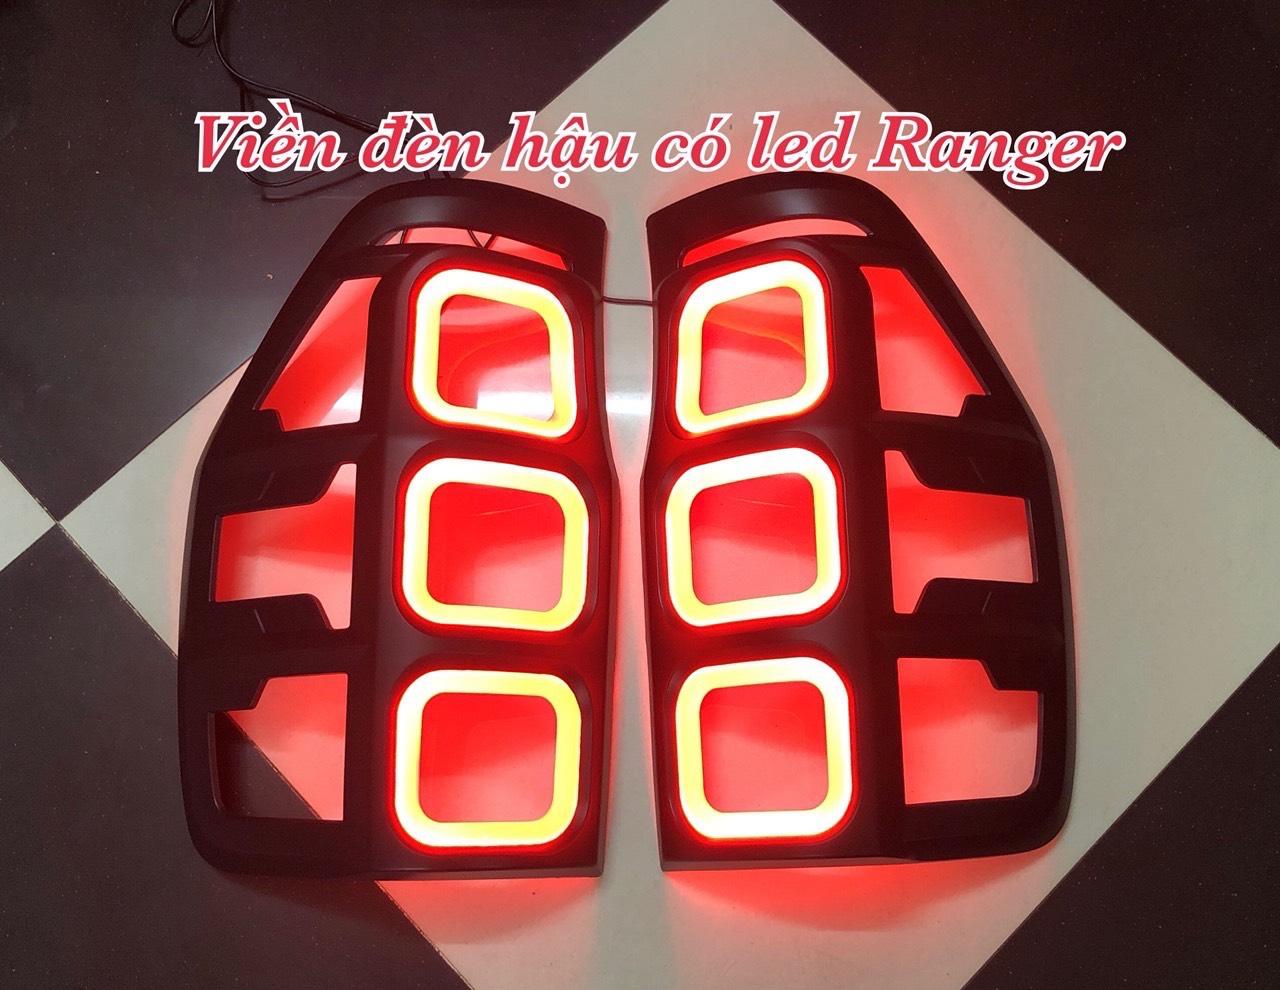 Viền đèn hậu có LED xe Ranger